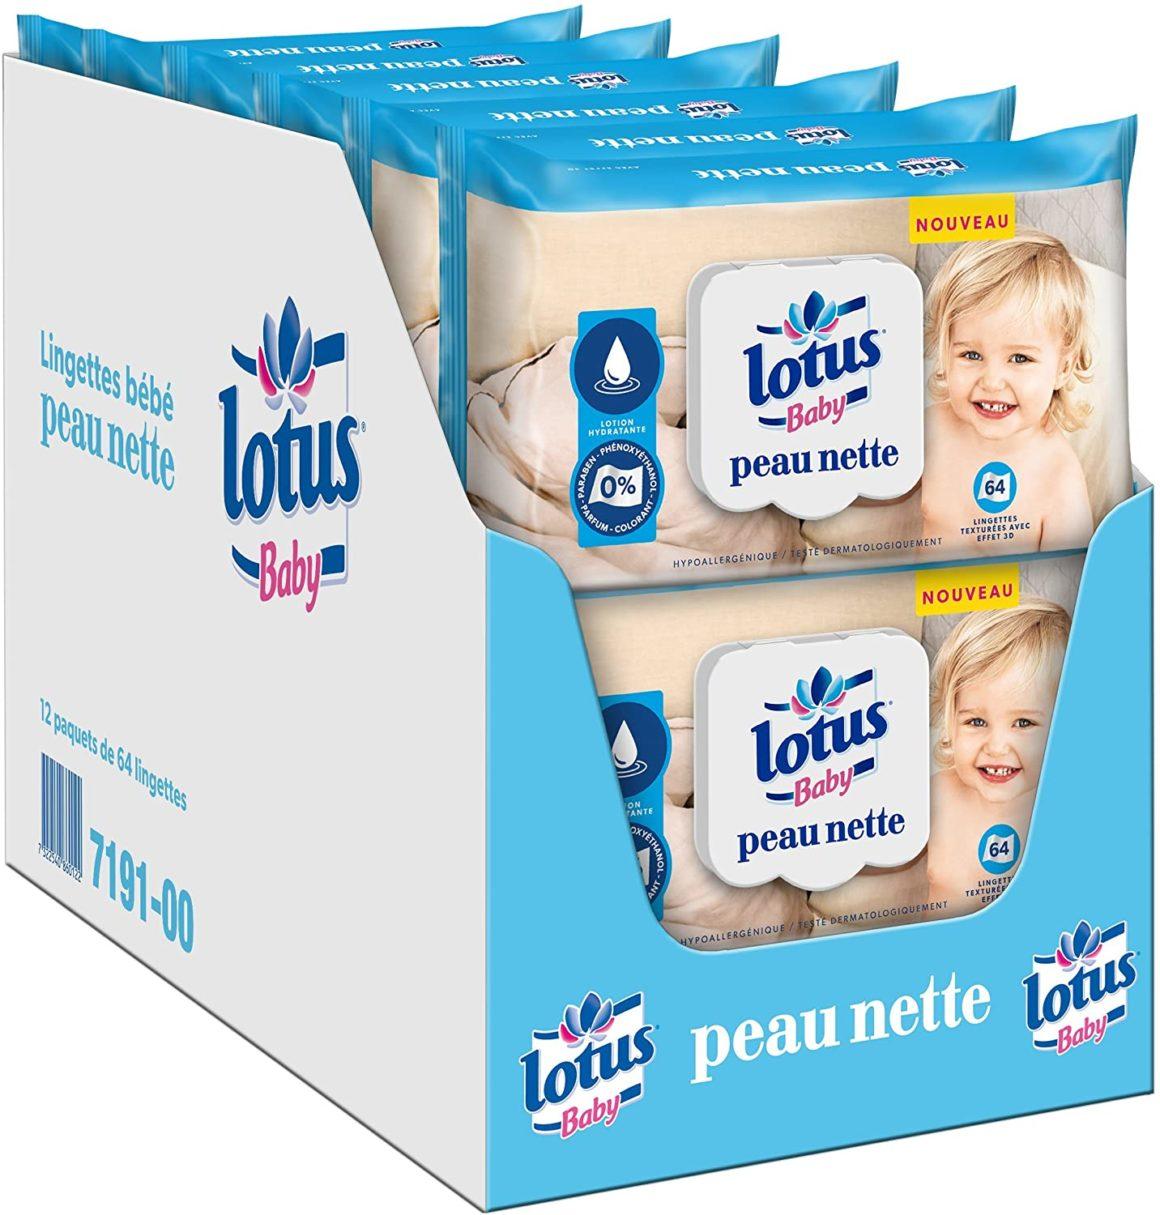 Lingette bébé Lotus